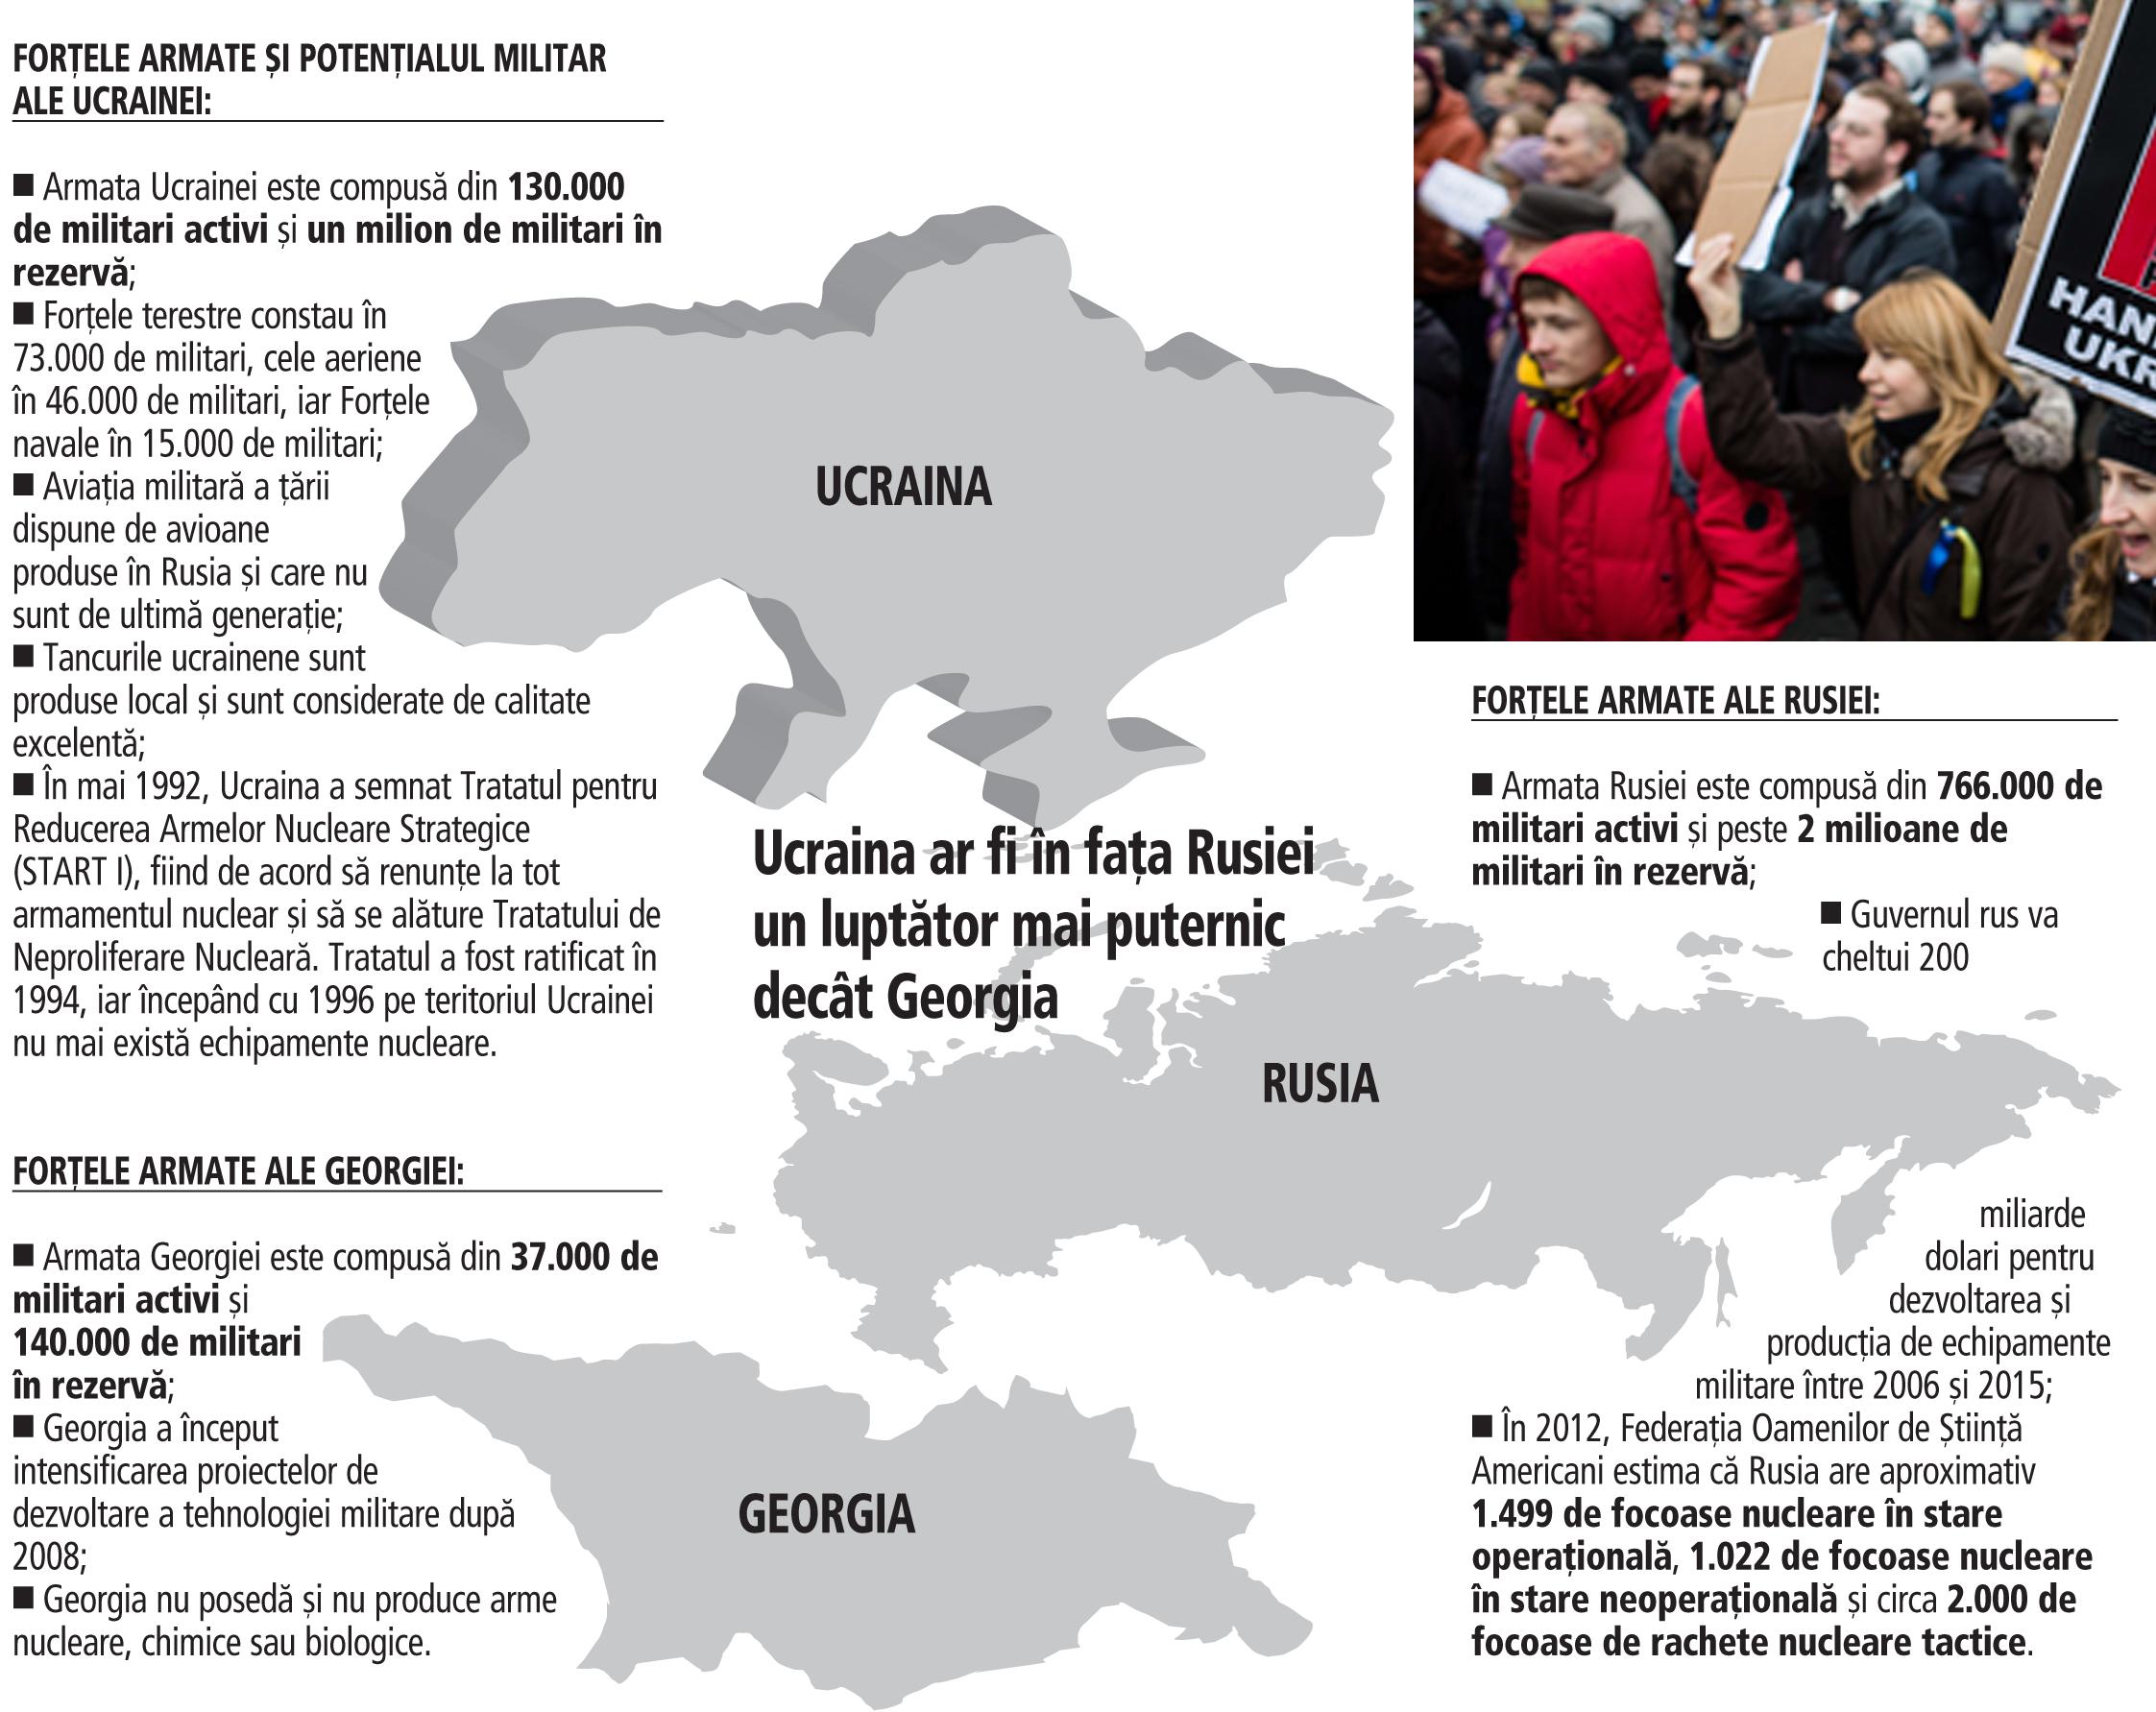 Cum poate Occidentul să-i determine pe ruşi altfel decât prin forţa armelor să se retragă din conflictul cu Ucraina